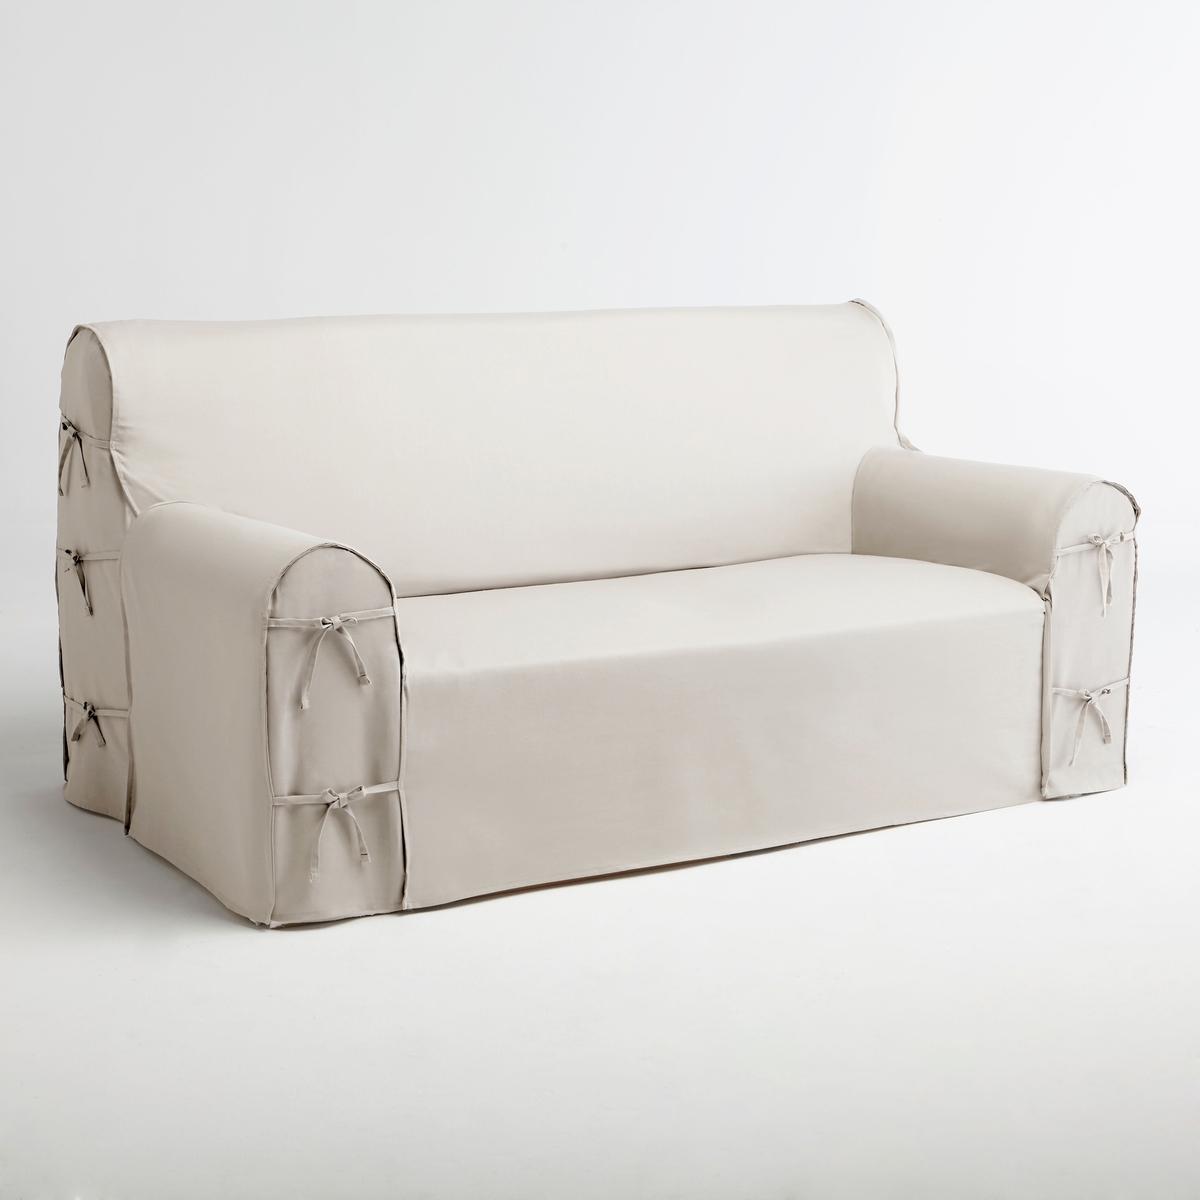 Чехол для диванаЧехол для дивана, 100% хлопка, великолепные цвета!    Характеристики чехла для дивана:Практичный чехол для дивана, регулируется завязками. Красивая плотная ткань, 100% хлопок (220 г/м?).Обработка против пятен.Простой уход : стирка при 40°, превосходная стойкость цвета.Размеры чехла для дивана:Общая высота: 102 см.Глубина сиденья: 60 см.Высота : подлокотник 66 см.3 модели на выбор : - 2-местн. : шир.142 см макс.,- 2-3 местн. : шир. 180 см макс.,- 3-местн. : шир. 206 см макс..Сверьте размеры перед заказом !Качество VALEUR S?RE.Сертфикат Oeko-Tex® дает гарантию того, что товары изготовлены без применения химических средств и не представляют опасности для здоровья человека  .<br><br>Цвет: антрацит,белый,медовый,облачно-серый,рубиново-красный,серо-коричневый каштан,сине-зеленый,синий индиго,сливовый,черный,экрю<br>Размер: 3 местн..2 места.2 места.2/3 мест.2 места.3 местн..2/3 мест.3 местн..2/3 мест.3 местн..2 места.2/3 мест